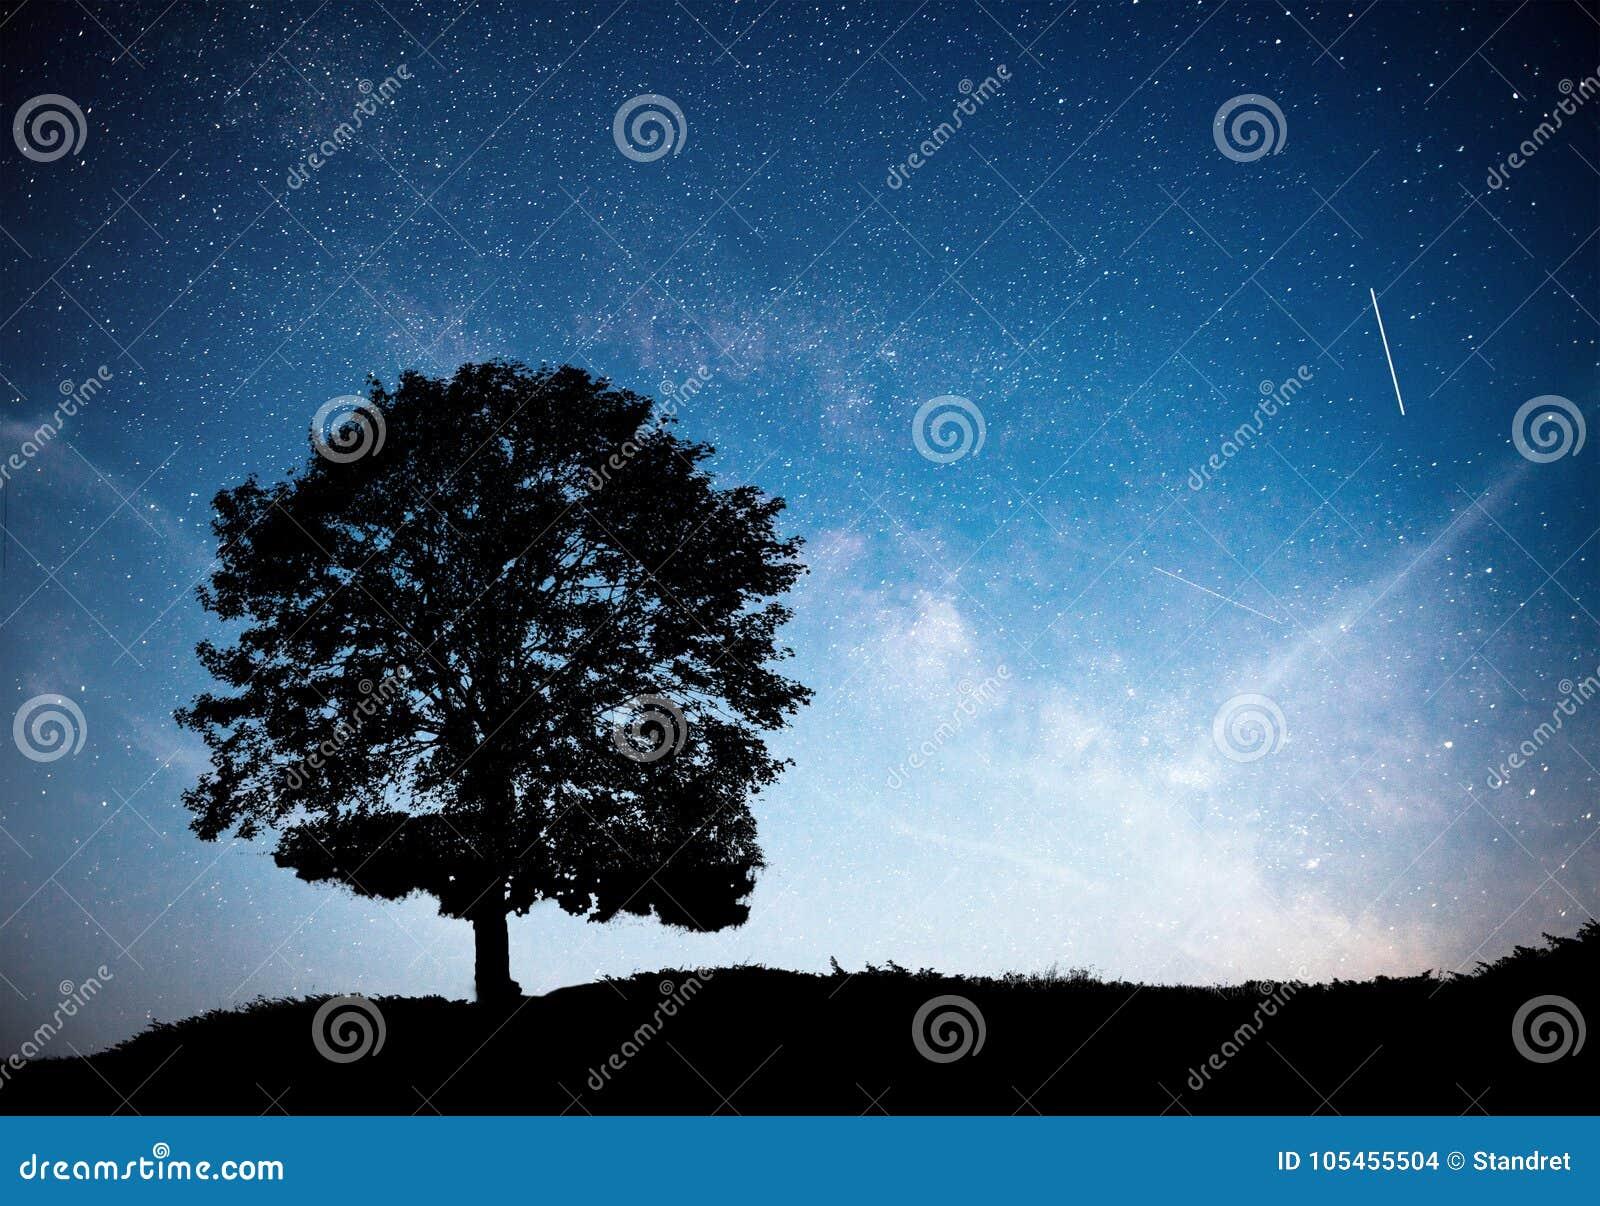 Landskap med stjärnklar himmel för natt och konturn av trädet på kullen Mjölkaktig väg med det ensamma trädet, fallande stjärnor